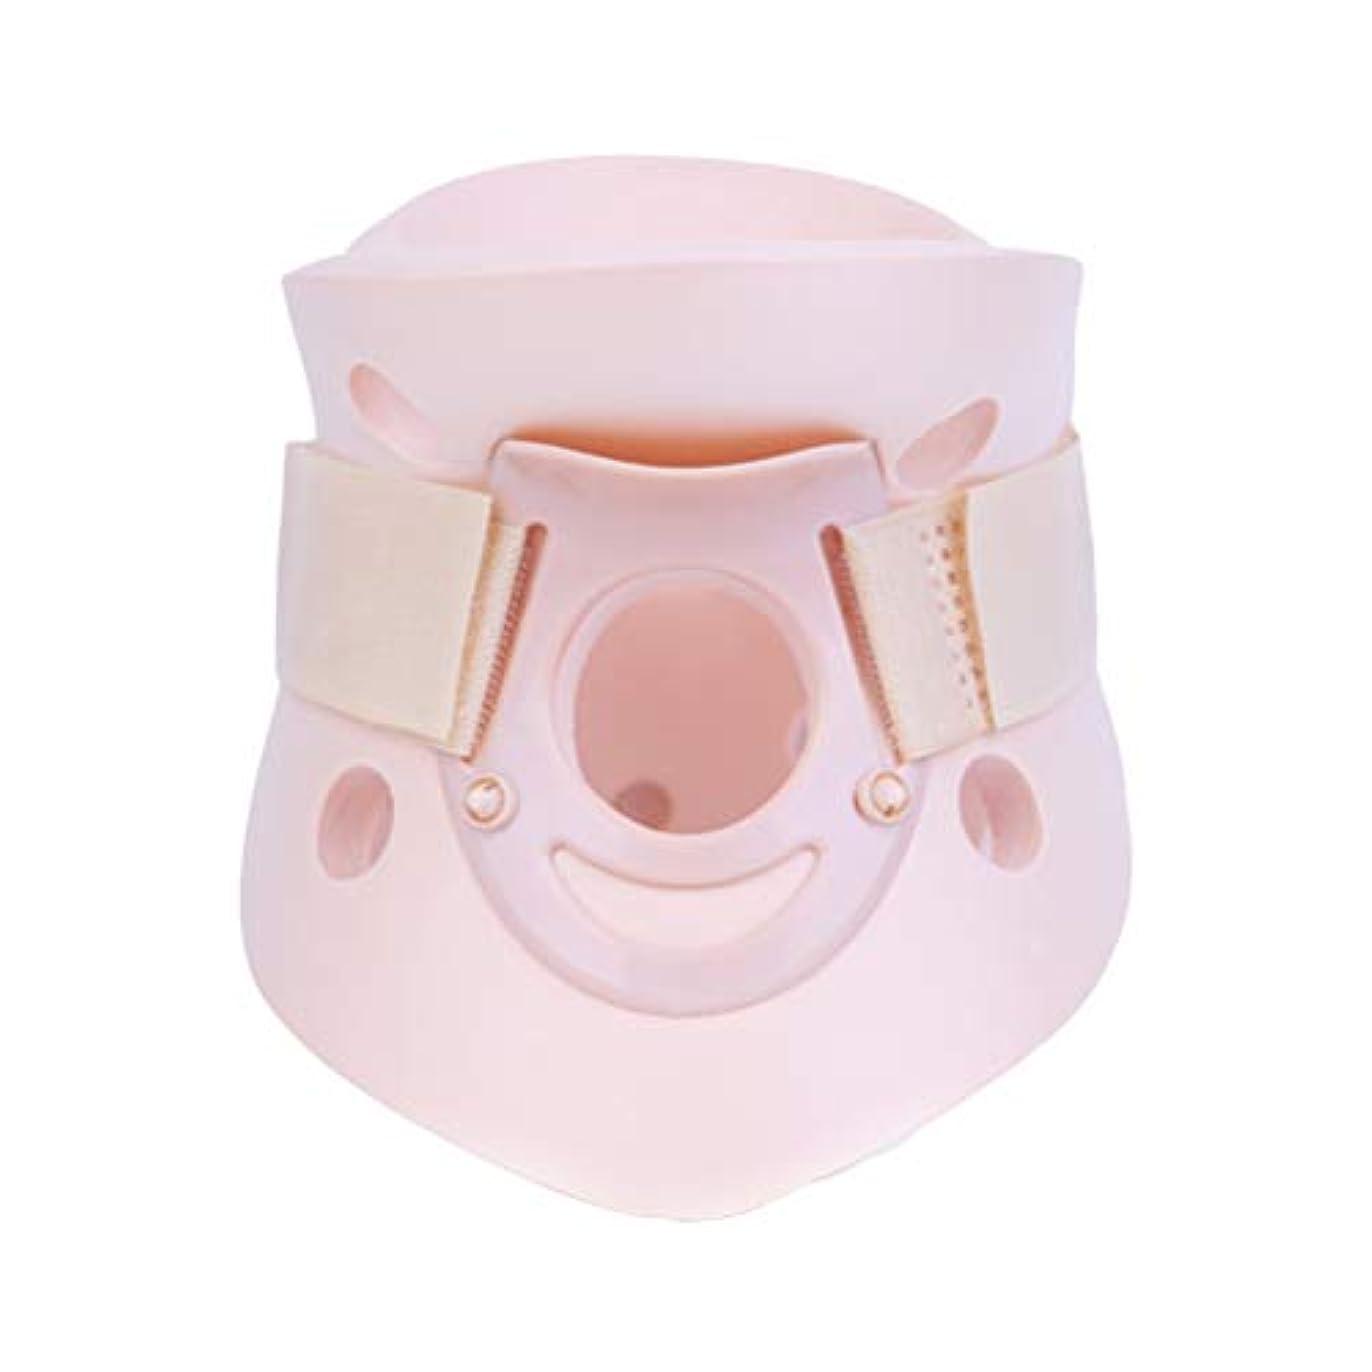 スライム同行不足SUPVOX ネックブレース頸部カラーネックサポートにより、脊椎ラップの圧力を緩和し、脊椎を安定させて、カイロプラクティックの慢性的な首の痛み脊椎のアライメントを調整します